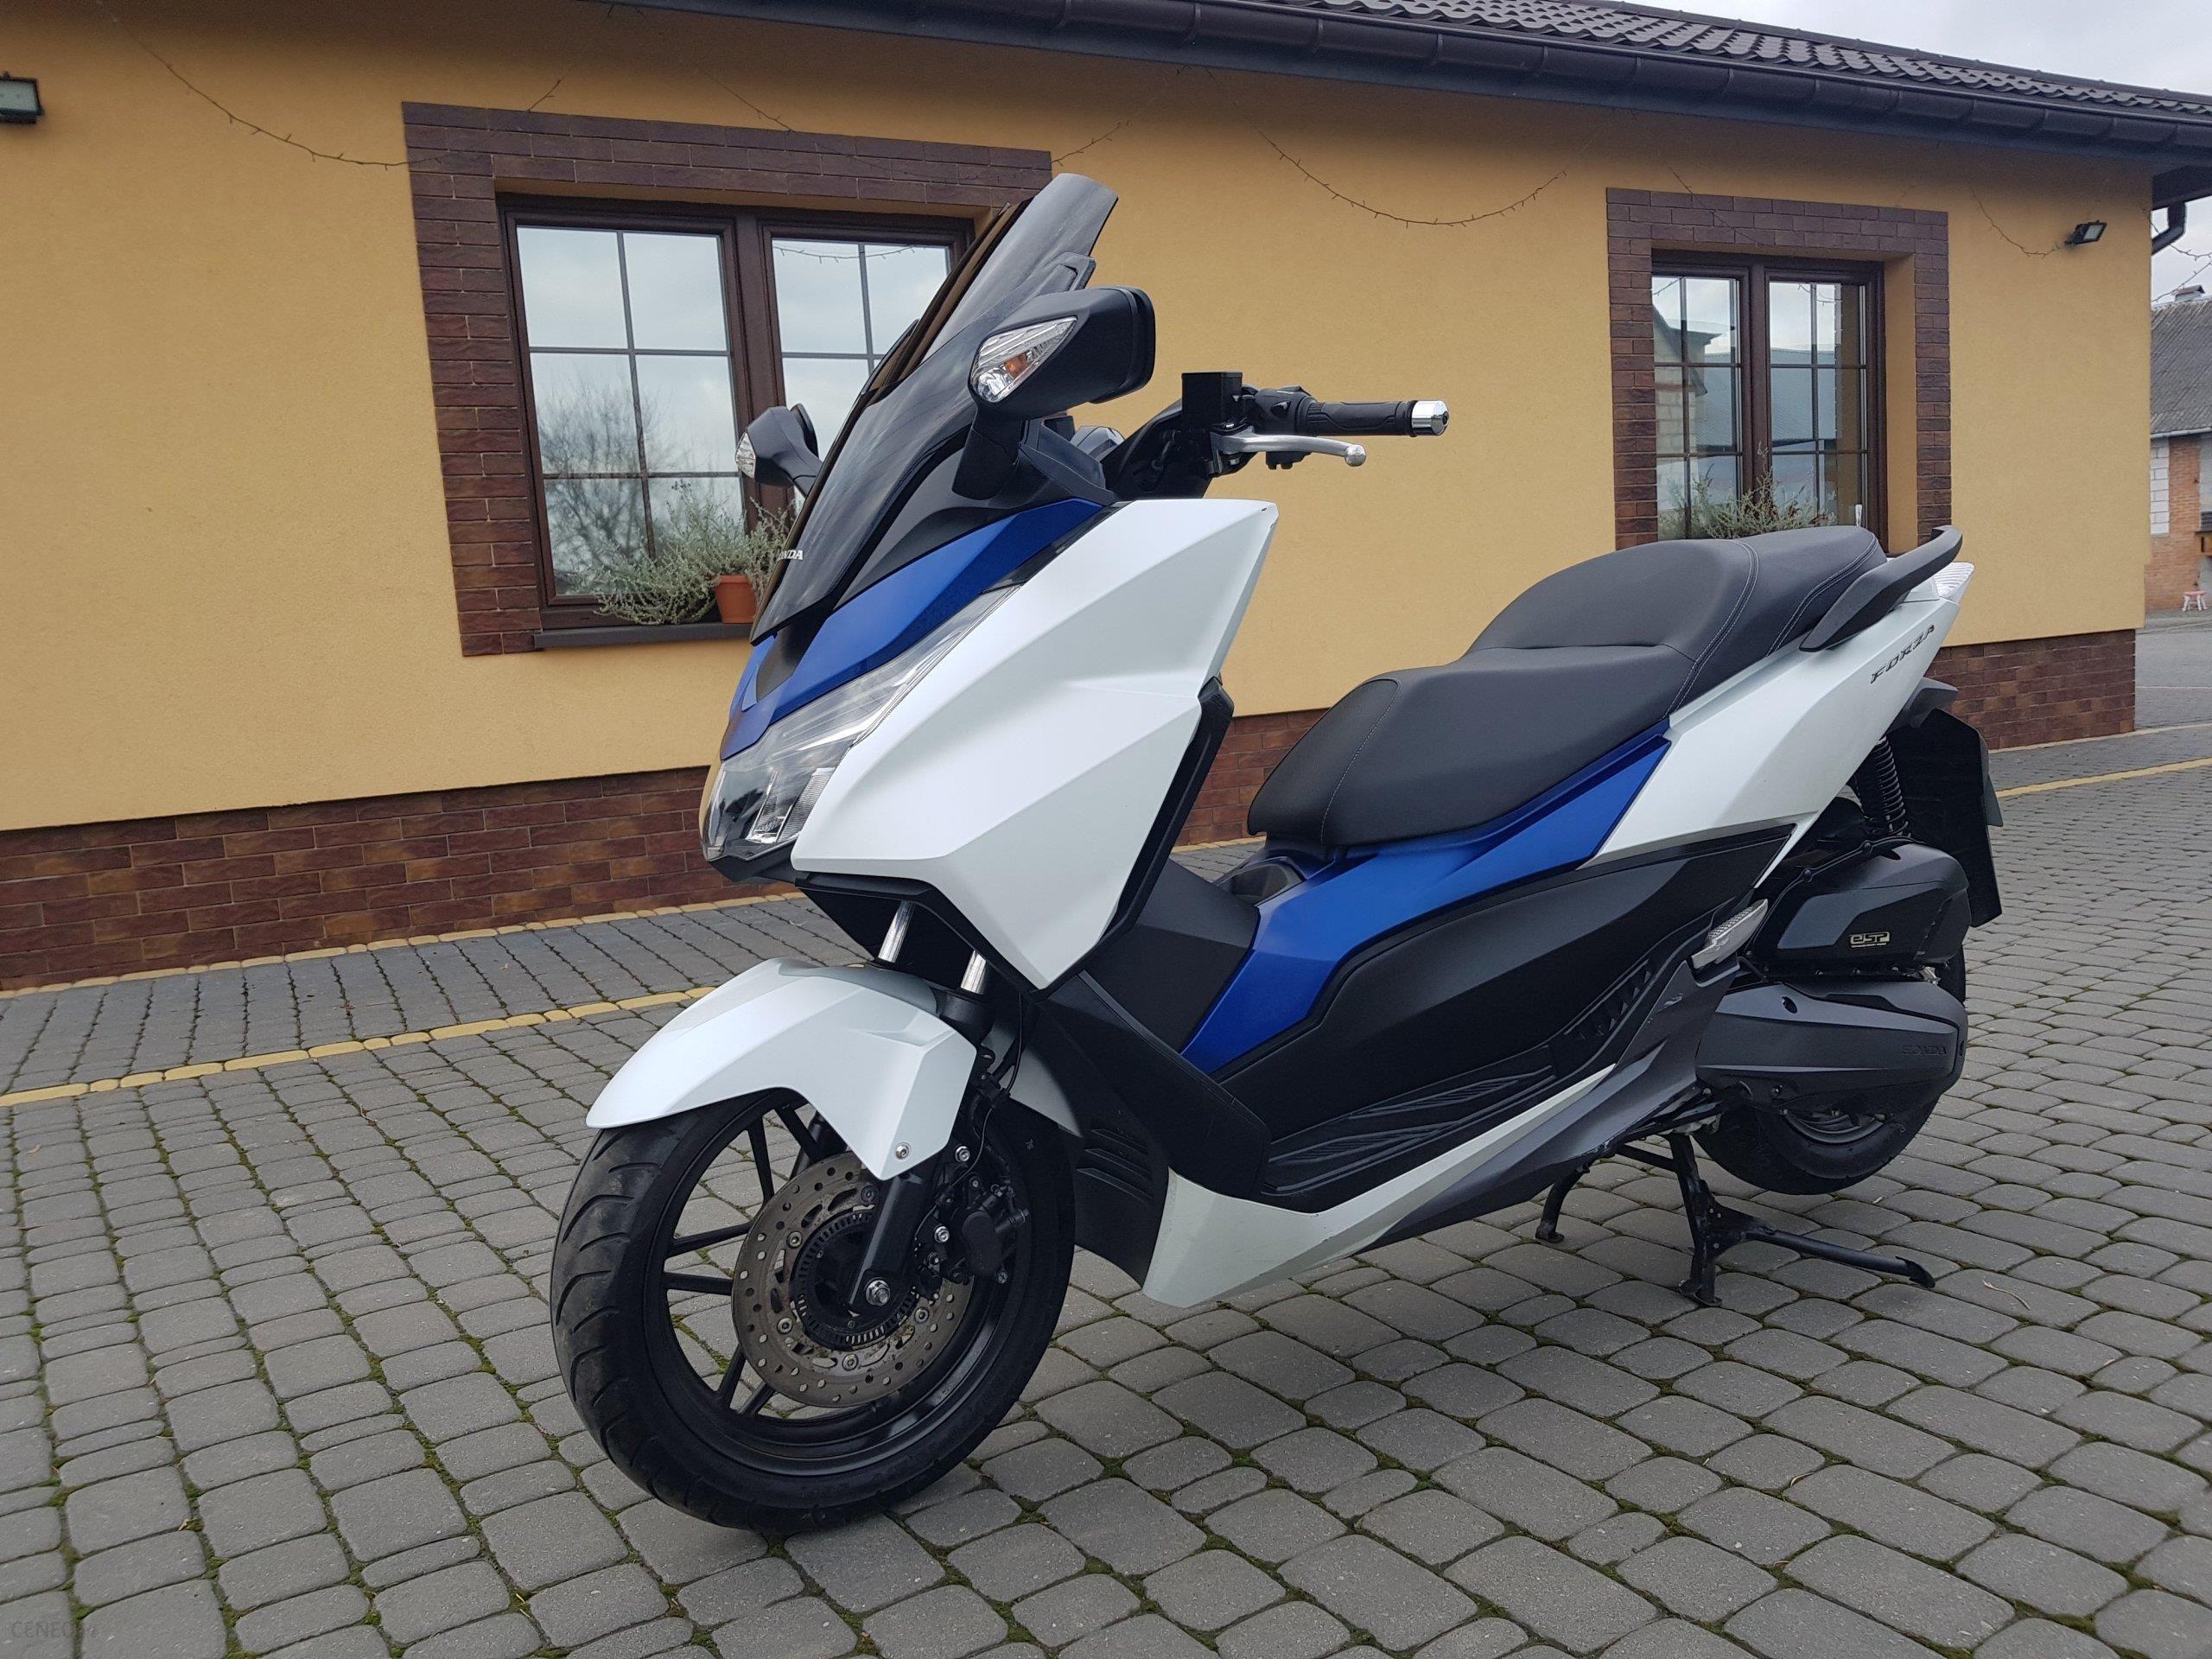 Honda Forza 125 Opinie I Ceny Na Ceneo Pl